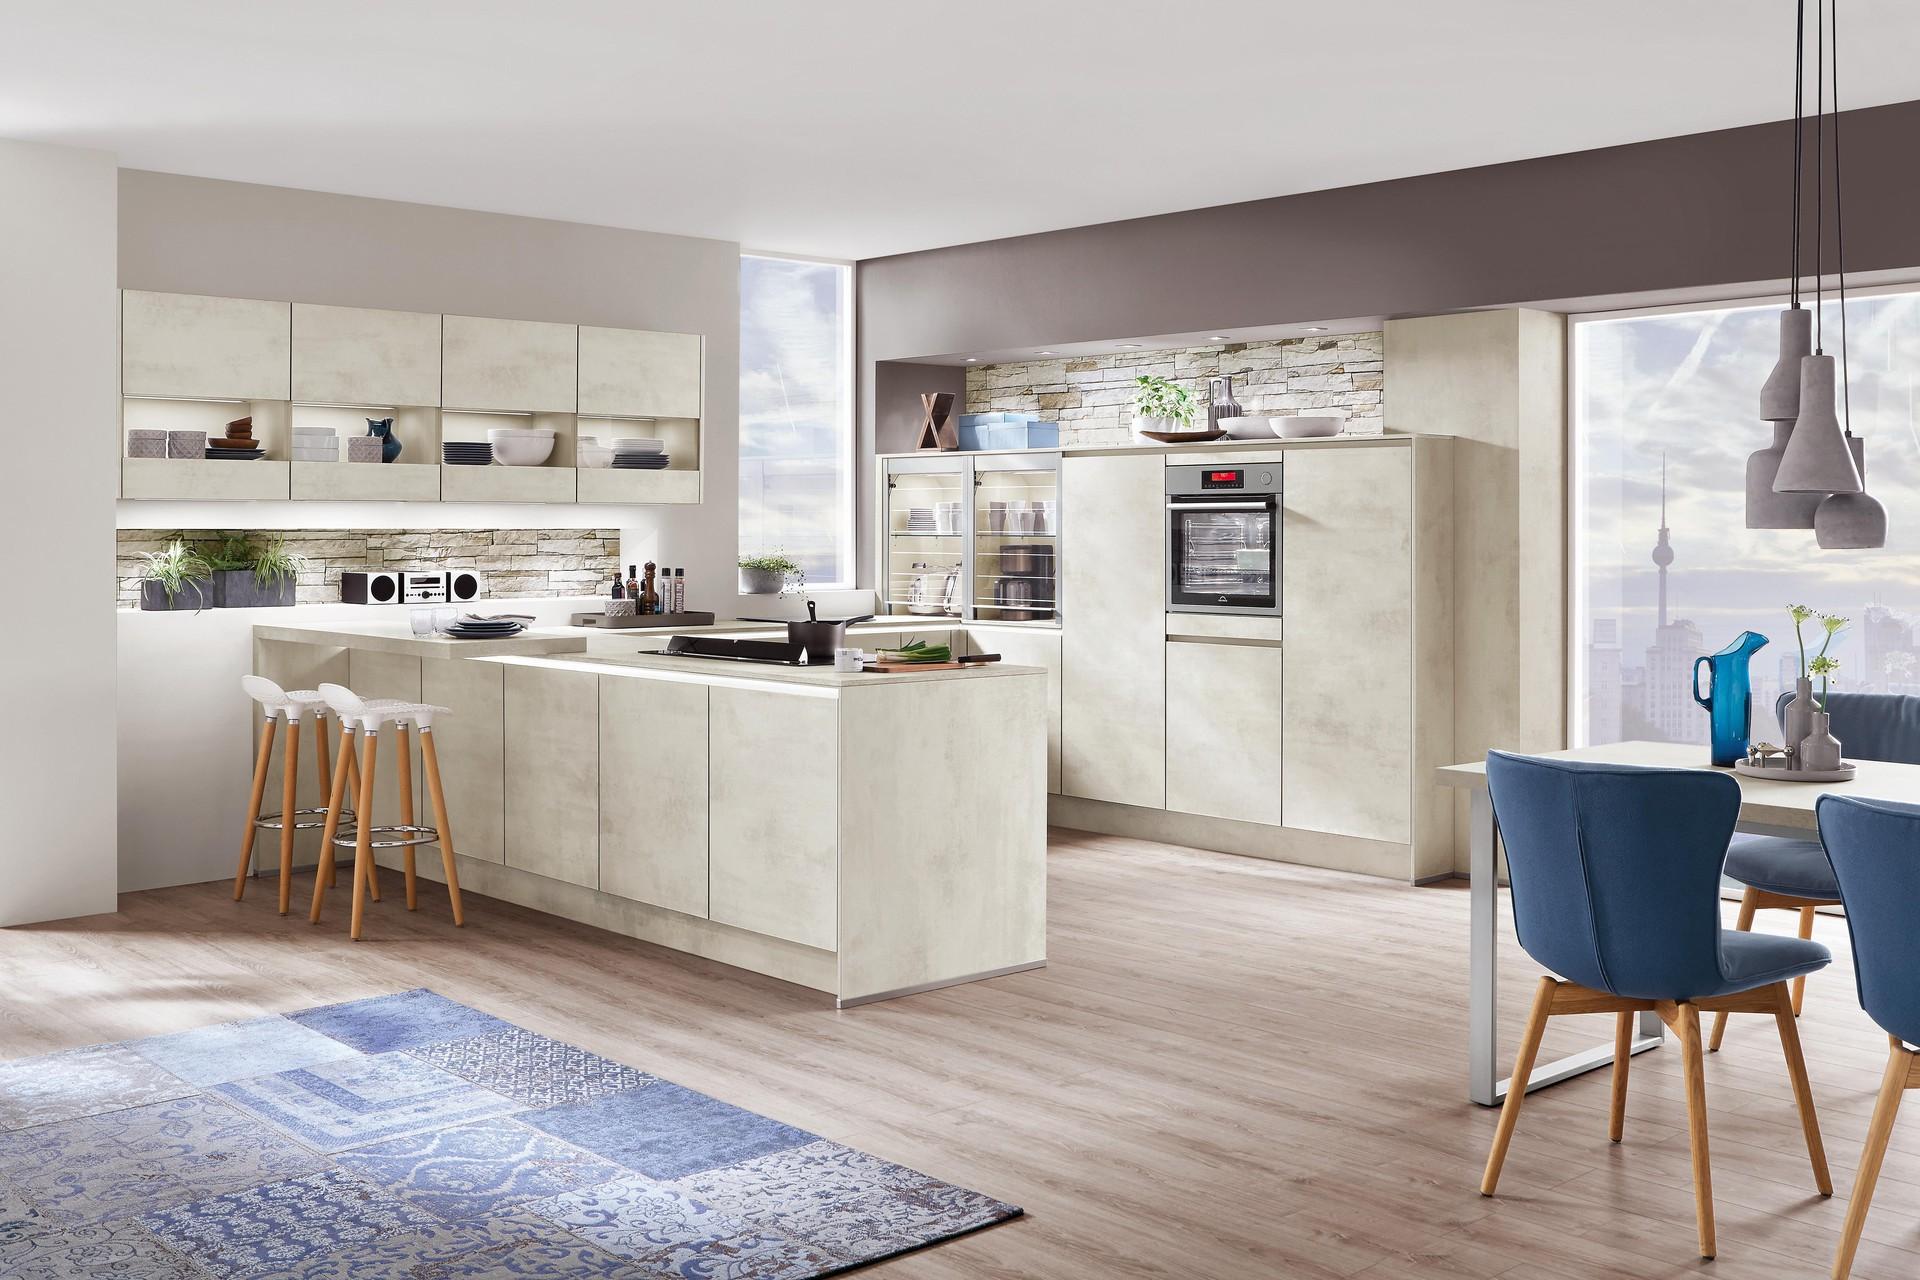 Fantastisch Küche Gummimatten Fotos - Küche Set Ideen ...